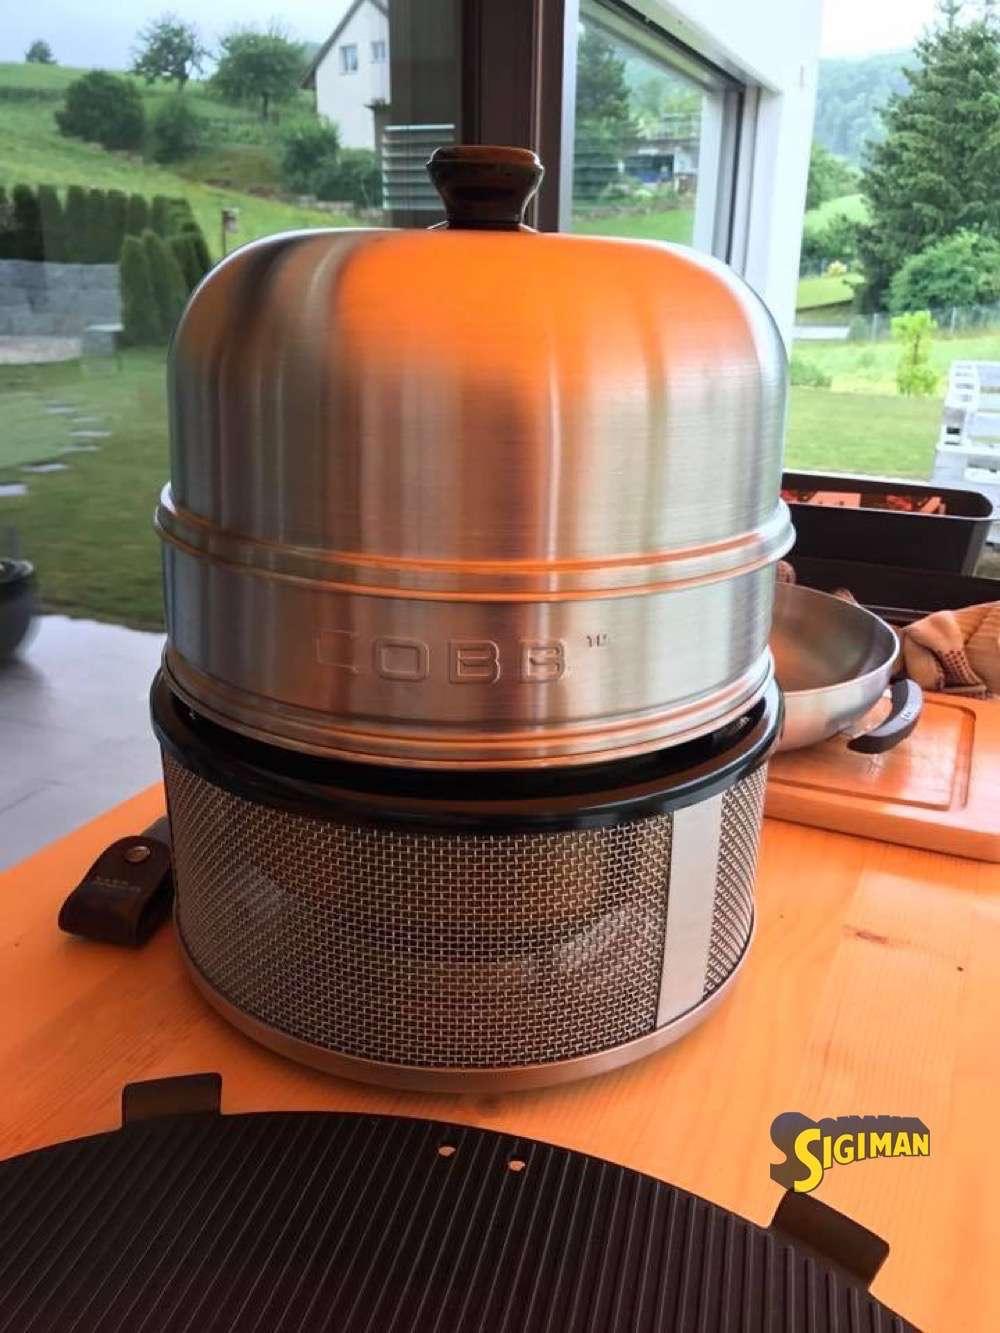 Der Cobb Grill mit Deckel und Deckelverlängerung